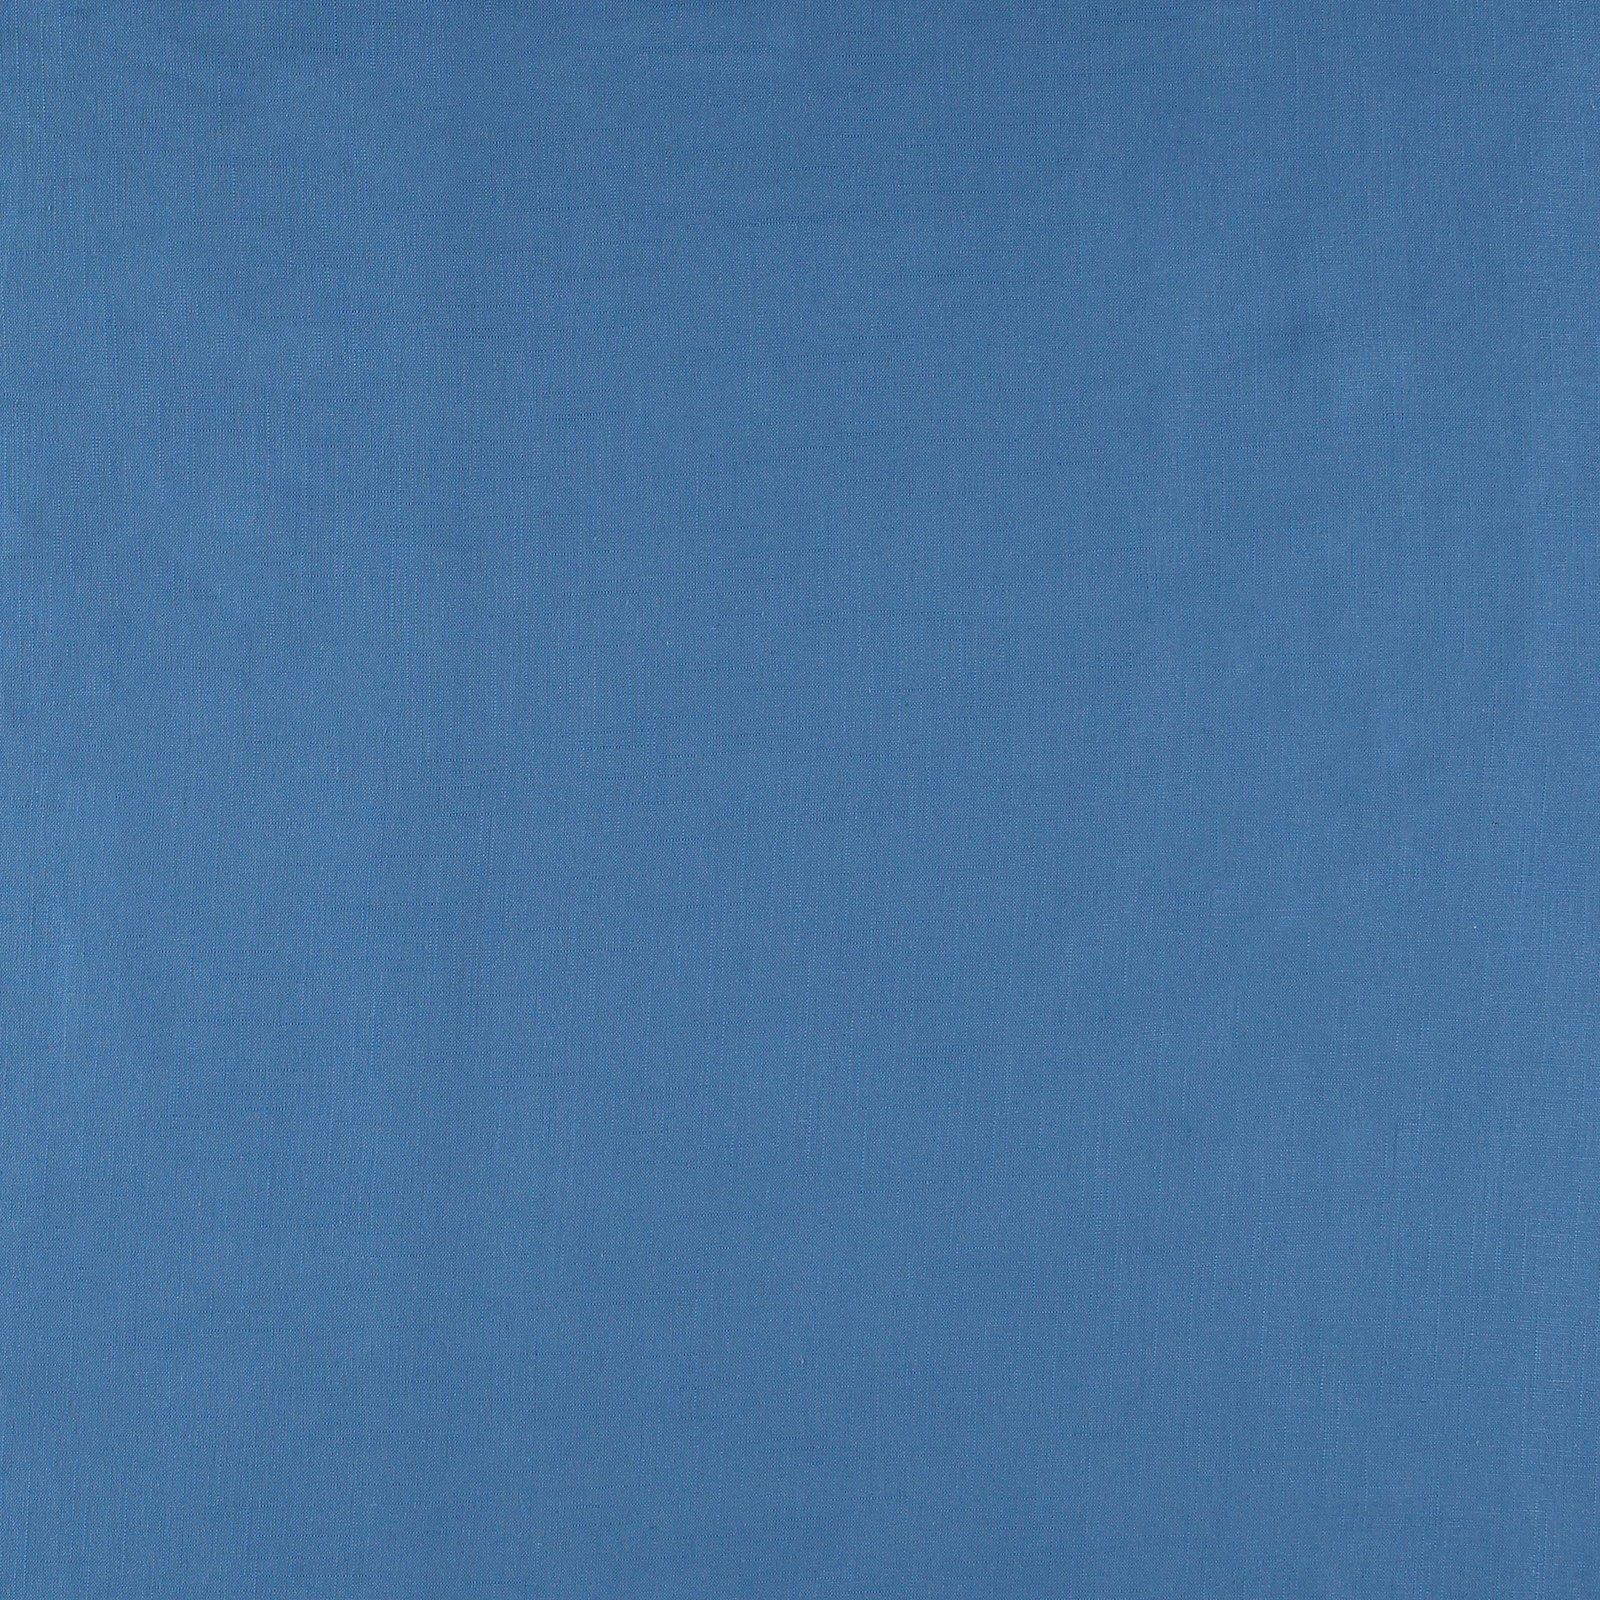 Coarse linen/viscose light cobalt blue 852357_pack_solid